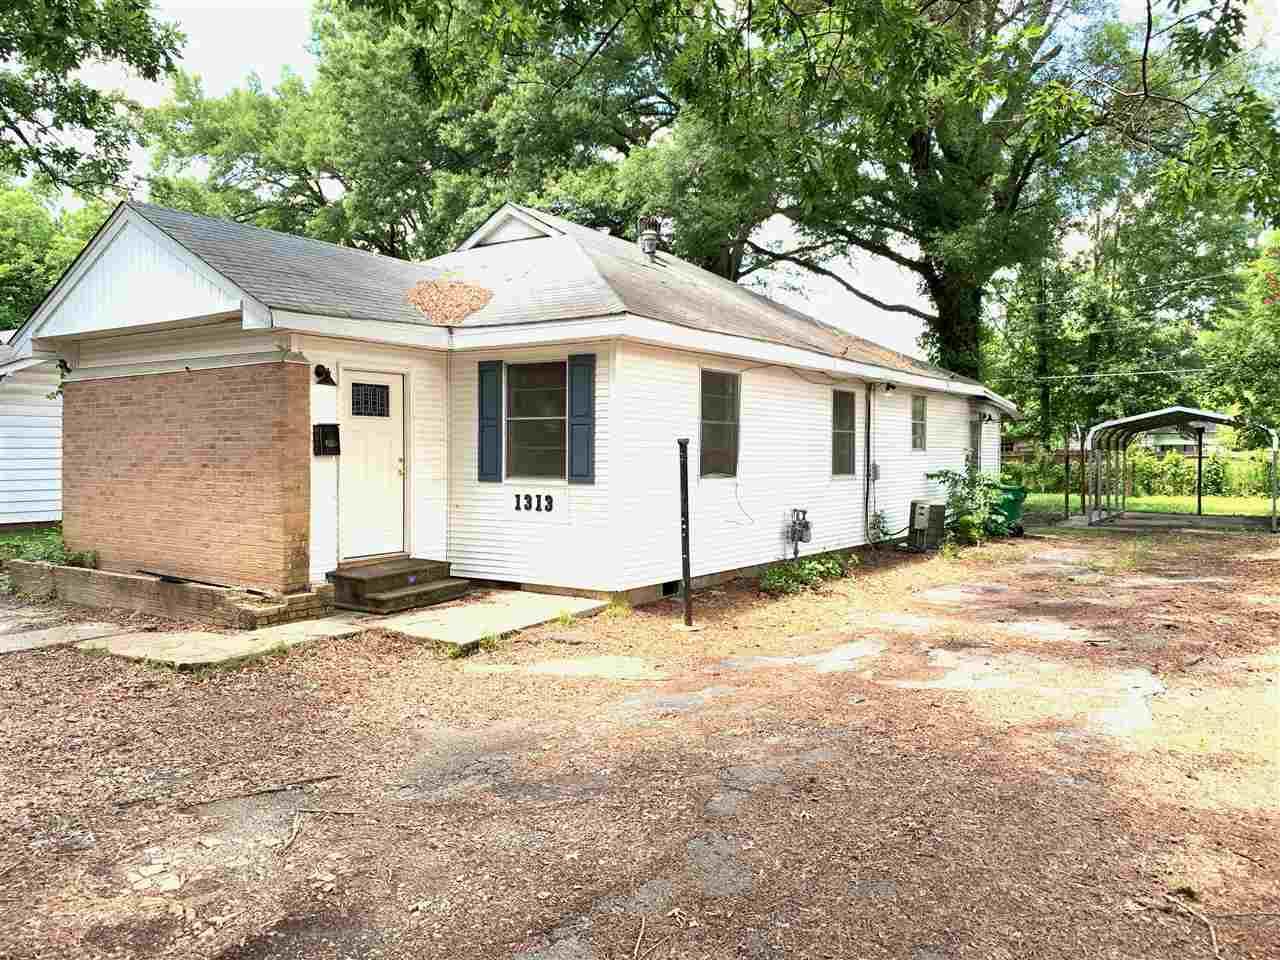 1313 W 26th, Pine Bluff, AR 71601